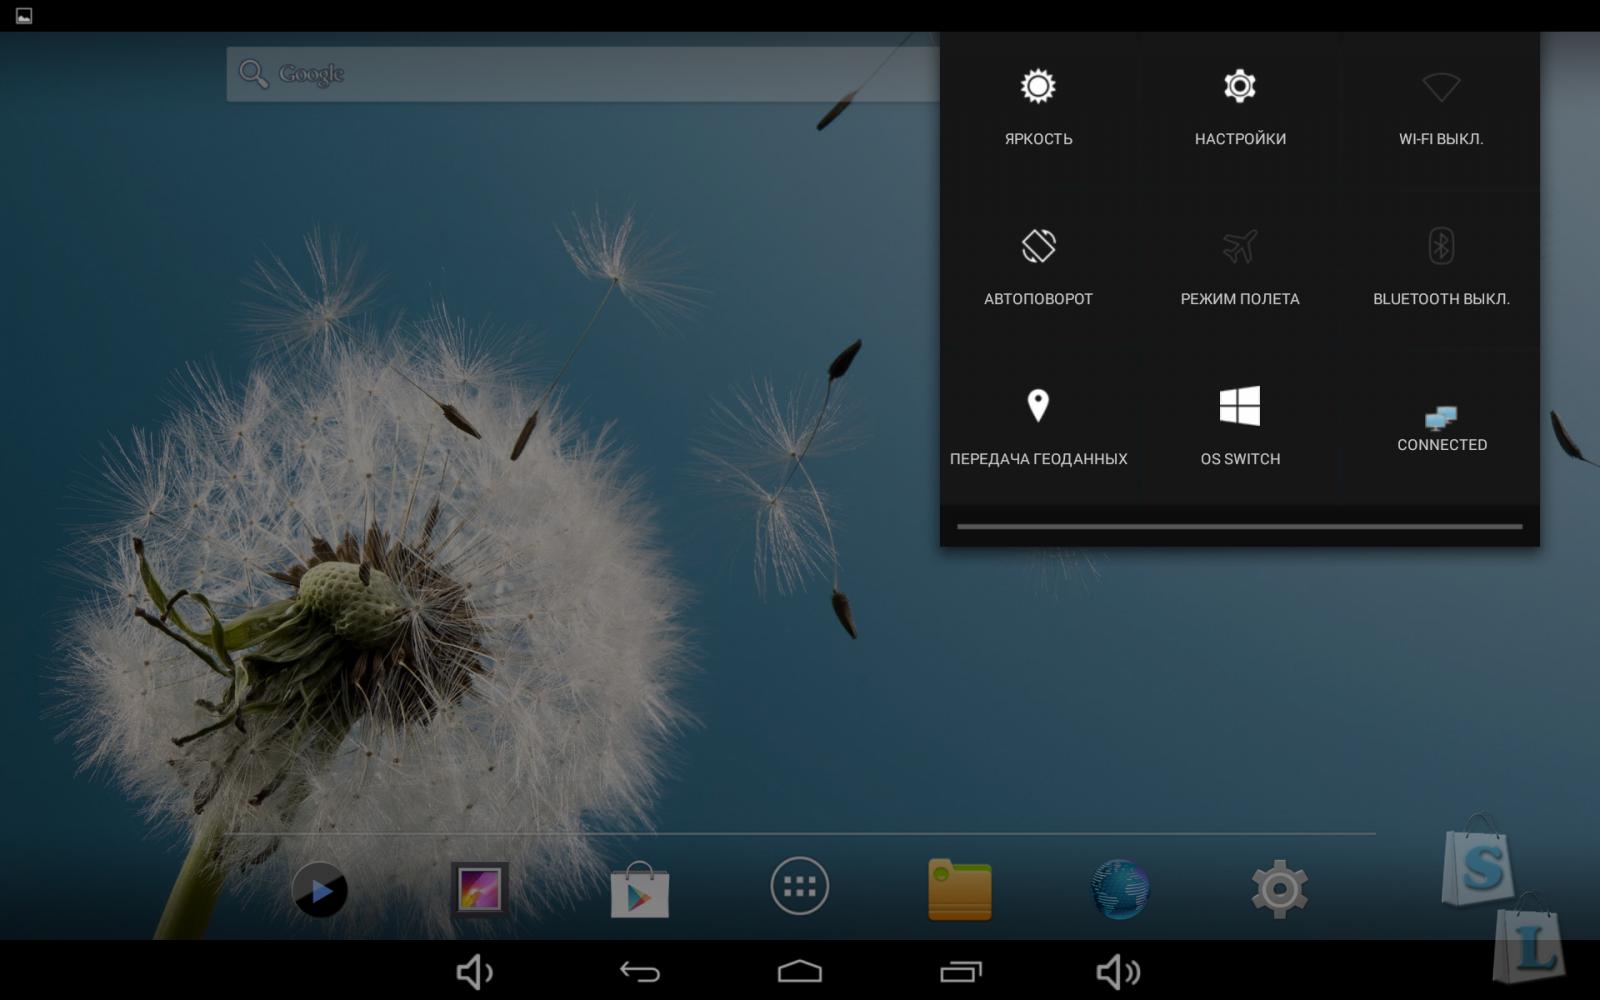 GearBest: PIPO X9, гибрид планшета и ТВ бокса.